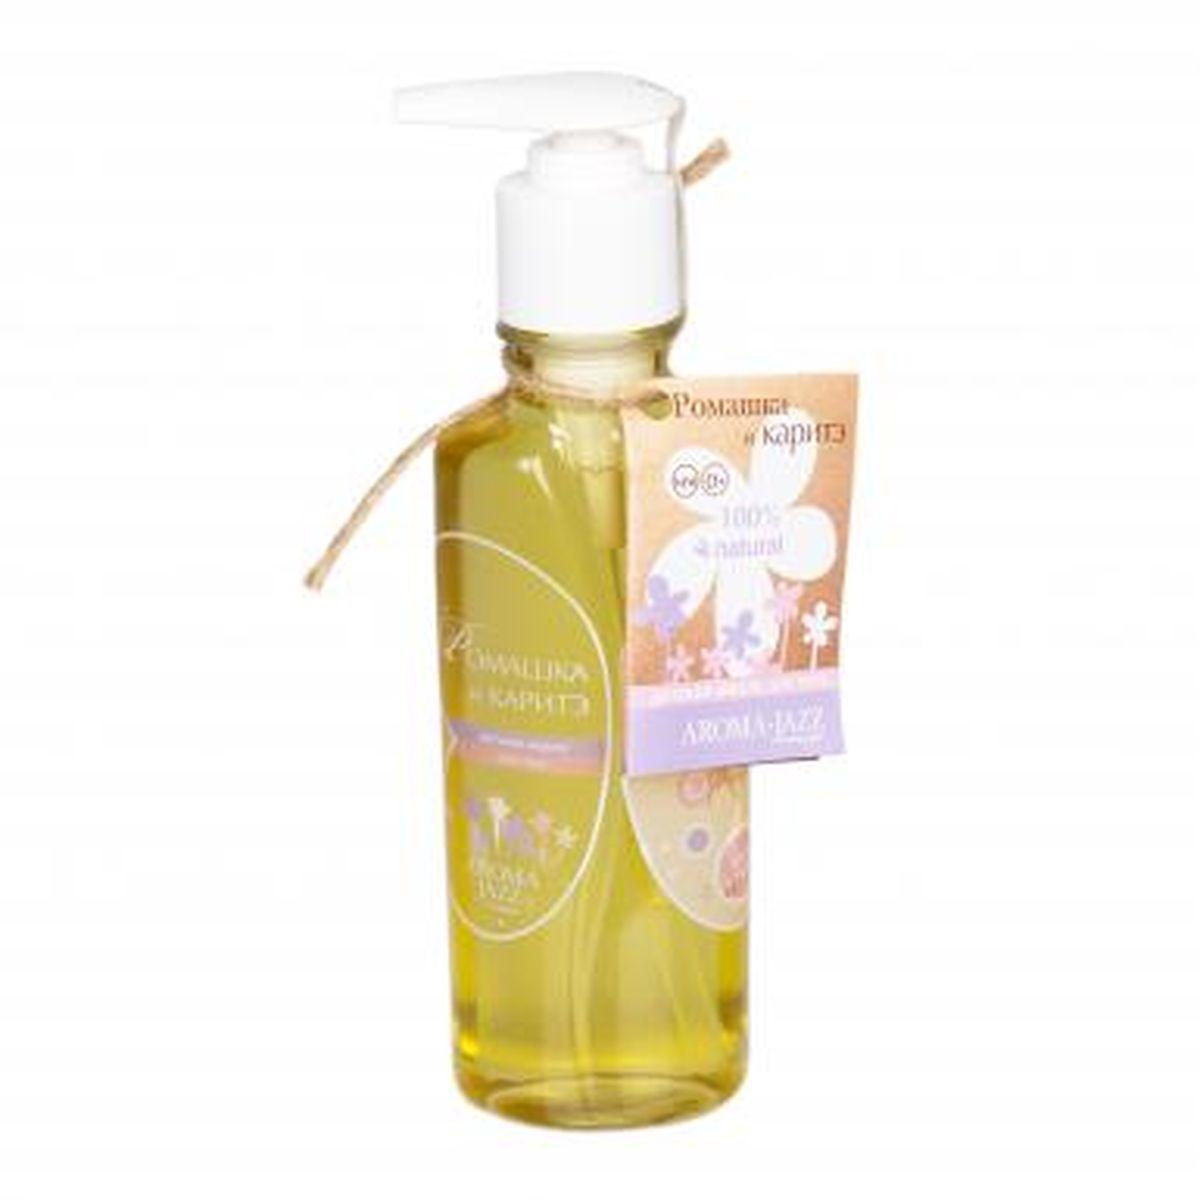 Aroma Jazz Детское масло Ромашка и каритэ, 200 мл7050Действие: бережно и надежно защищает нежную детскую кожу, снимает раздражения, оказывает успокаивающее действие на нервную систему.